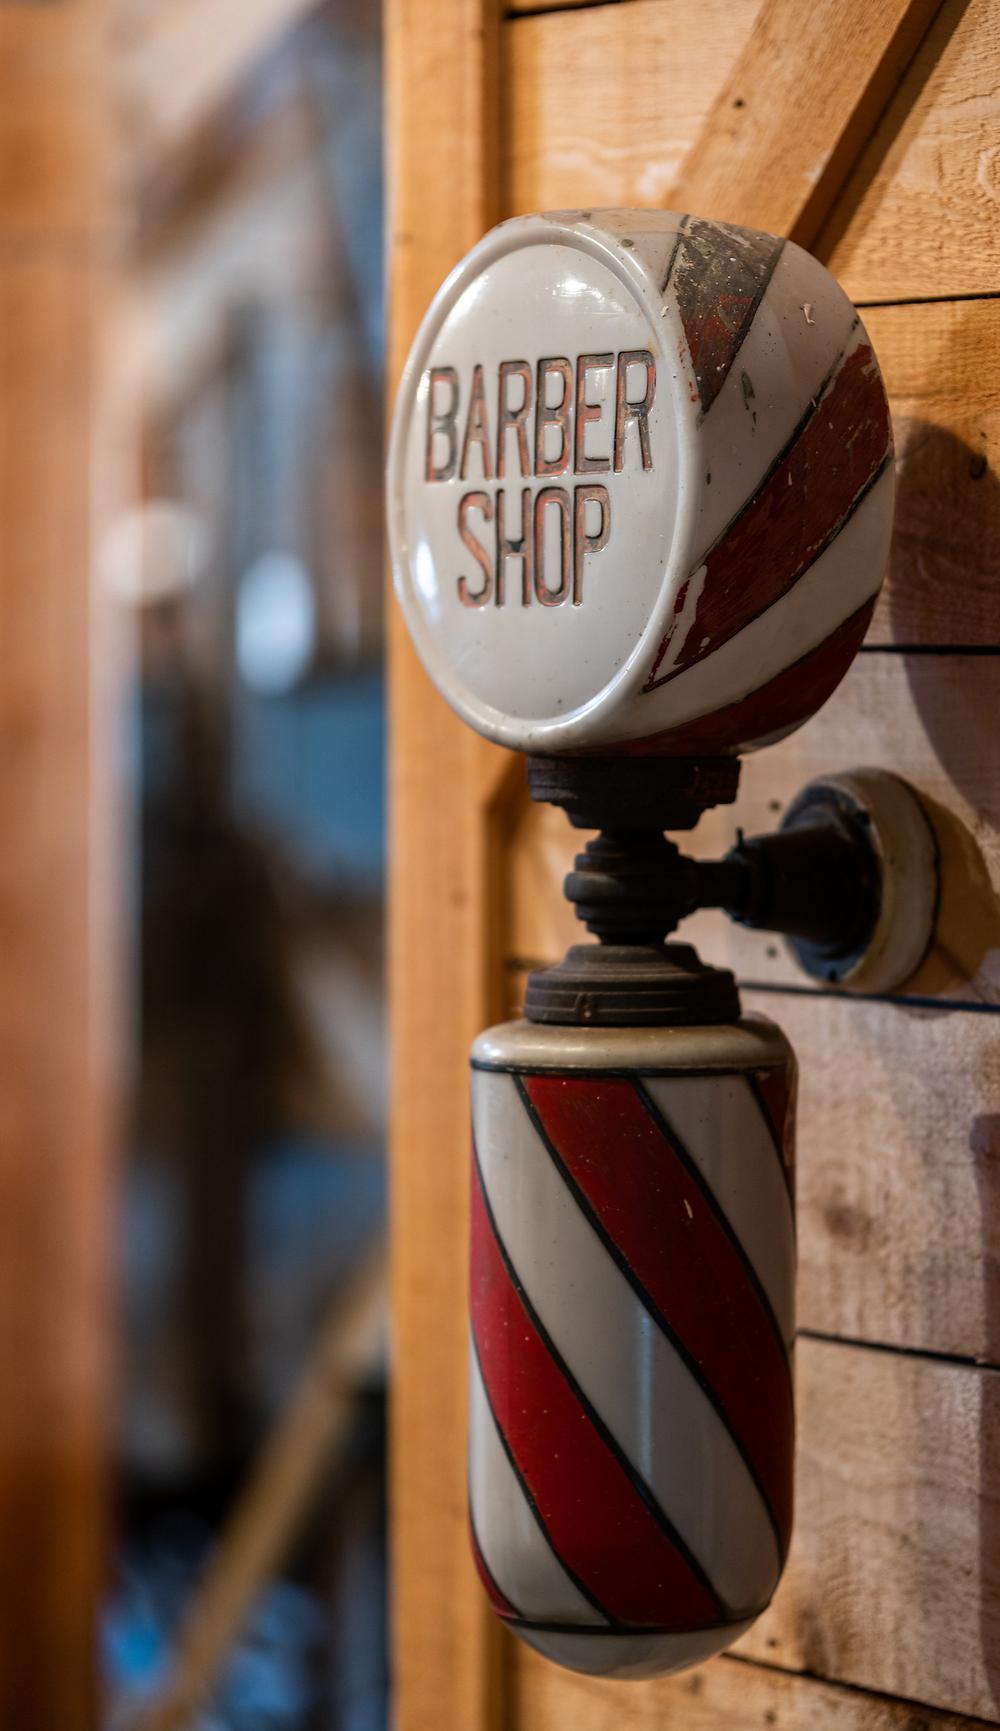 Barber Shop sign beloging to Abraham Skidmore